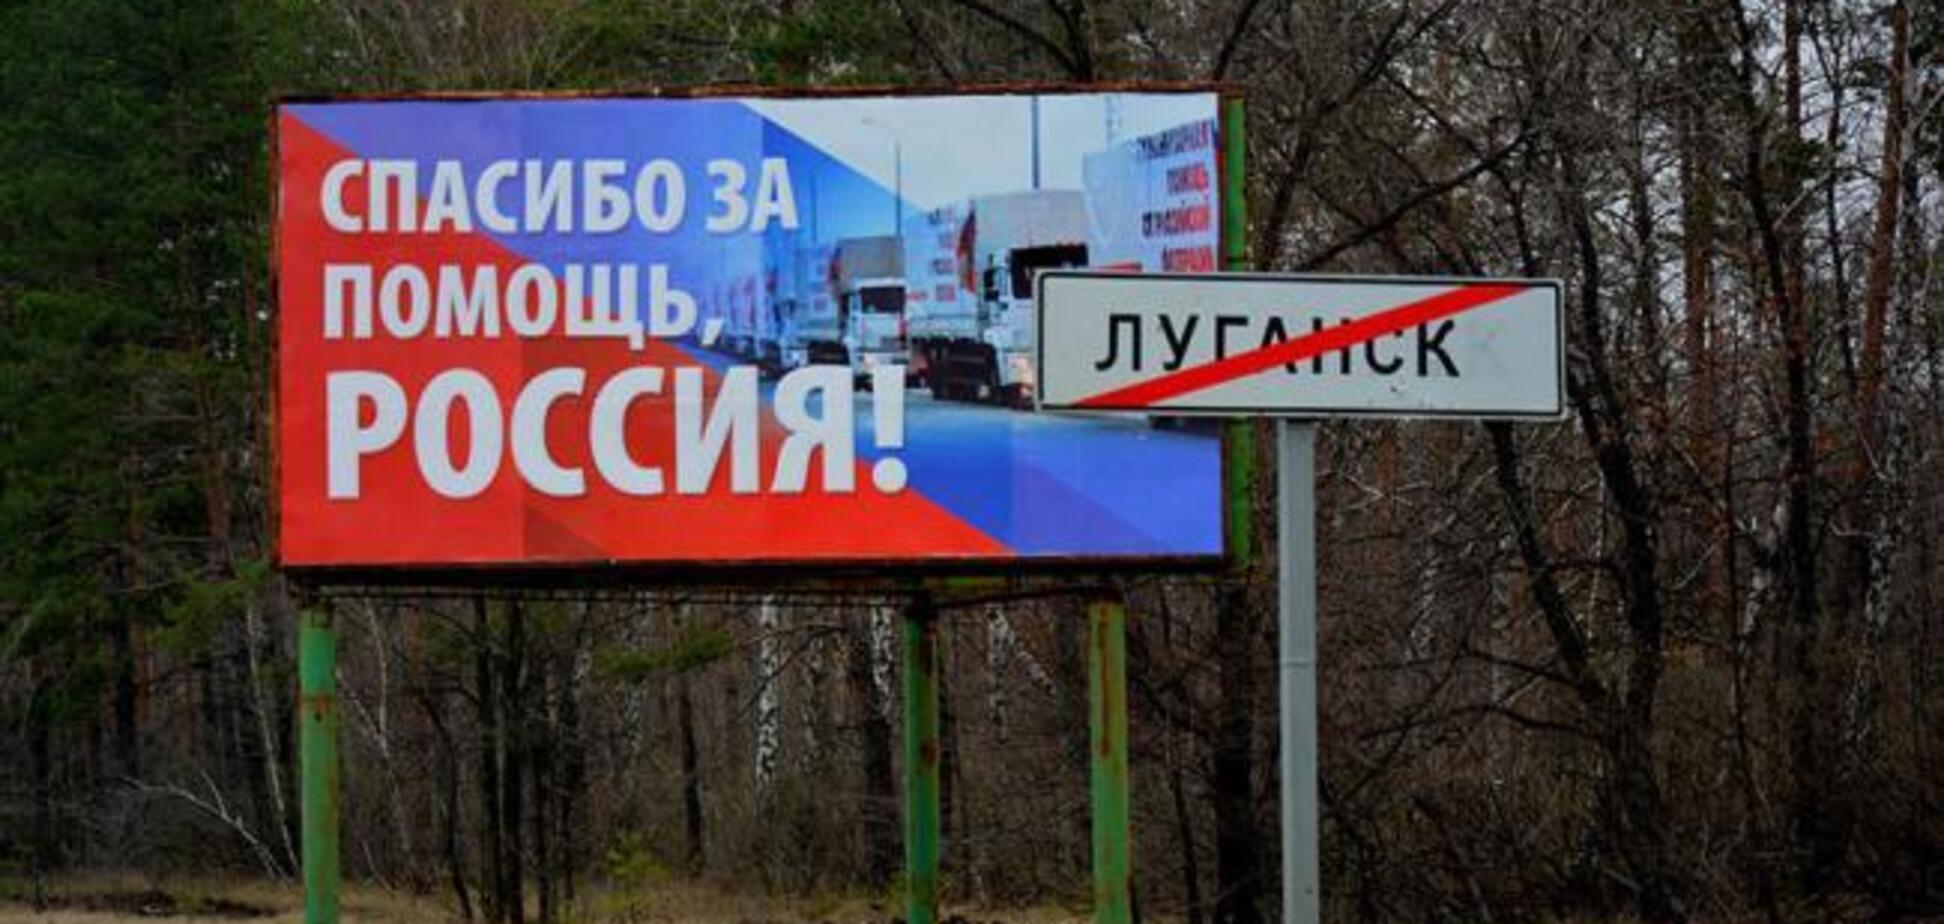 Даже луганские замечают в Украине перемены к лучшему